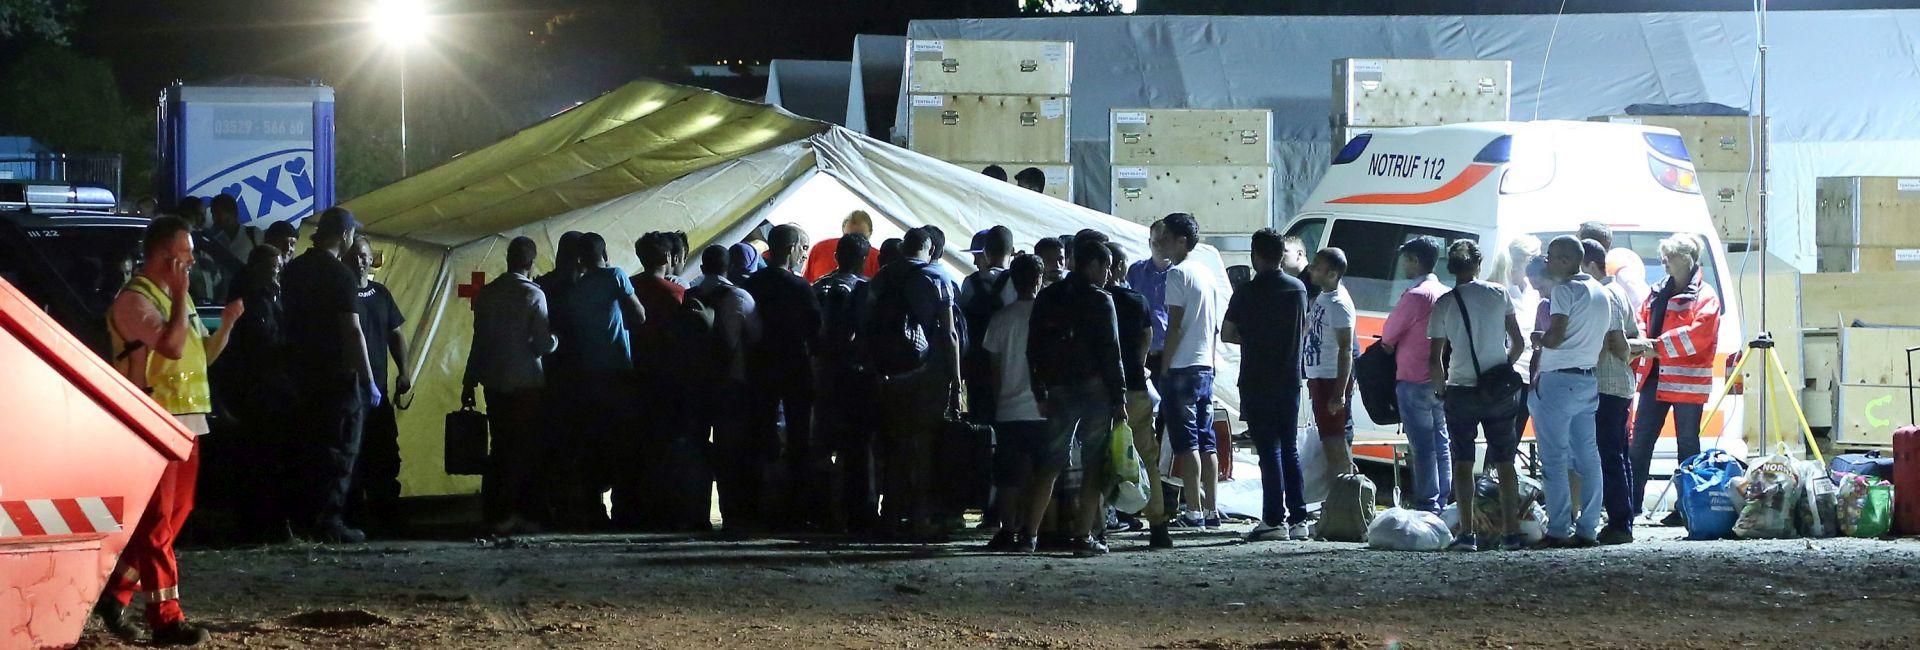 GDJE ĆE S NJIMA? Srbija neće primati vraćene migrante iz Mađarske